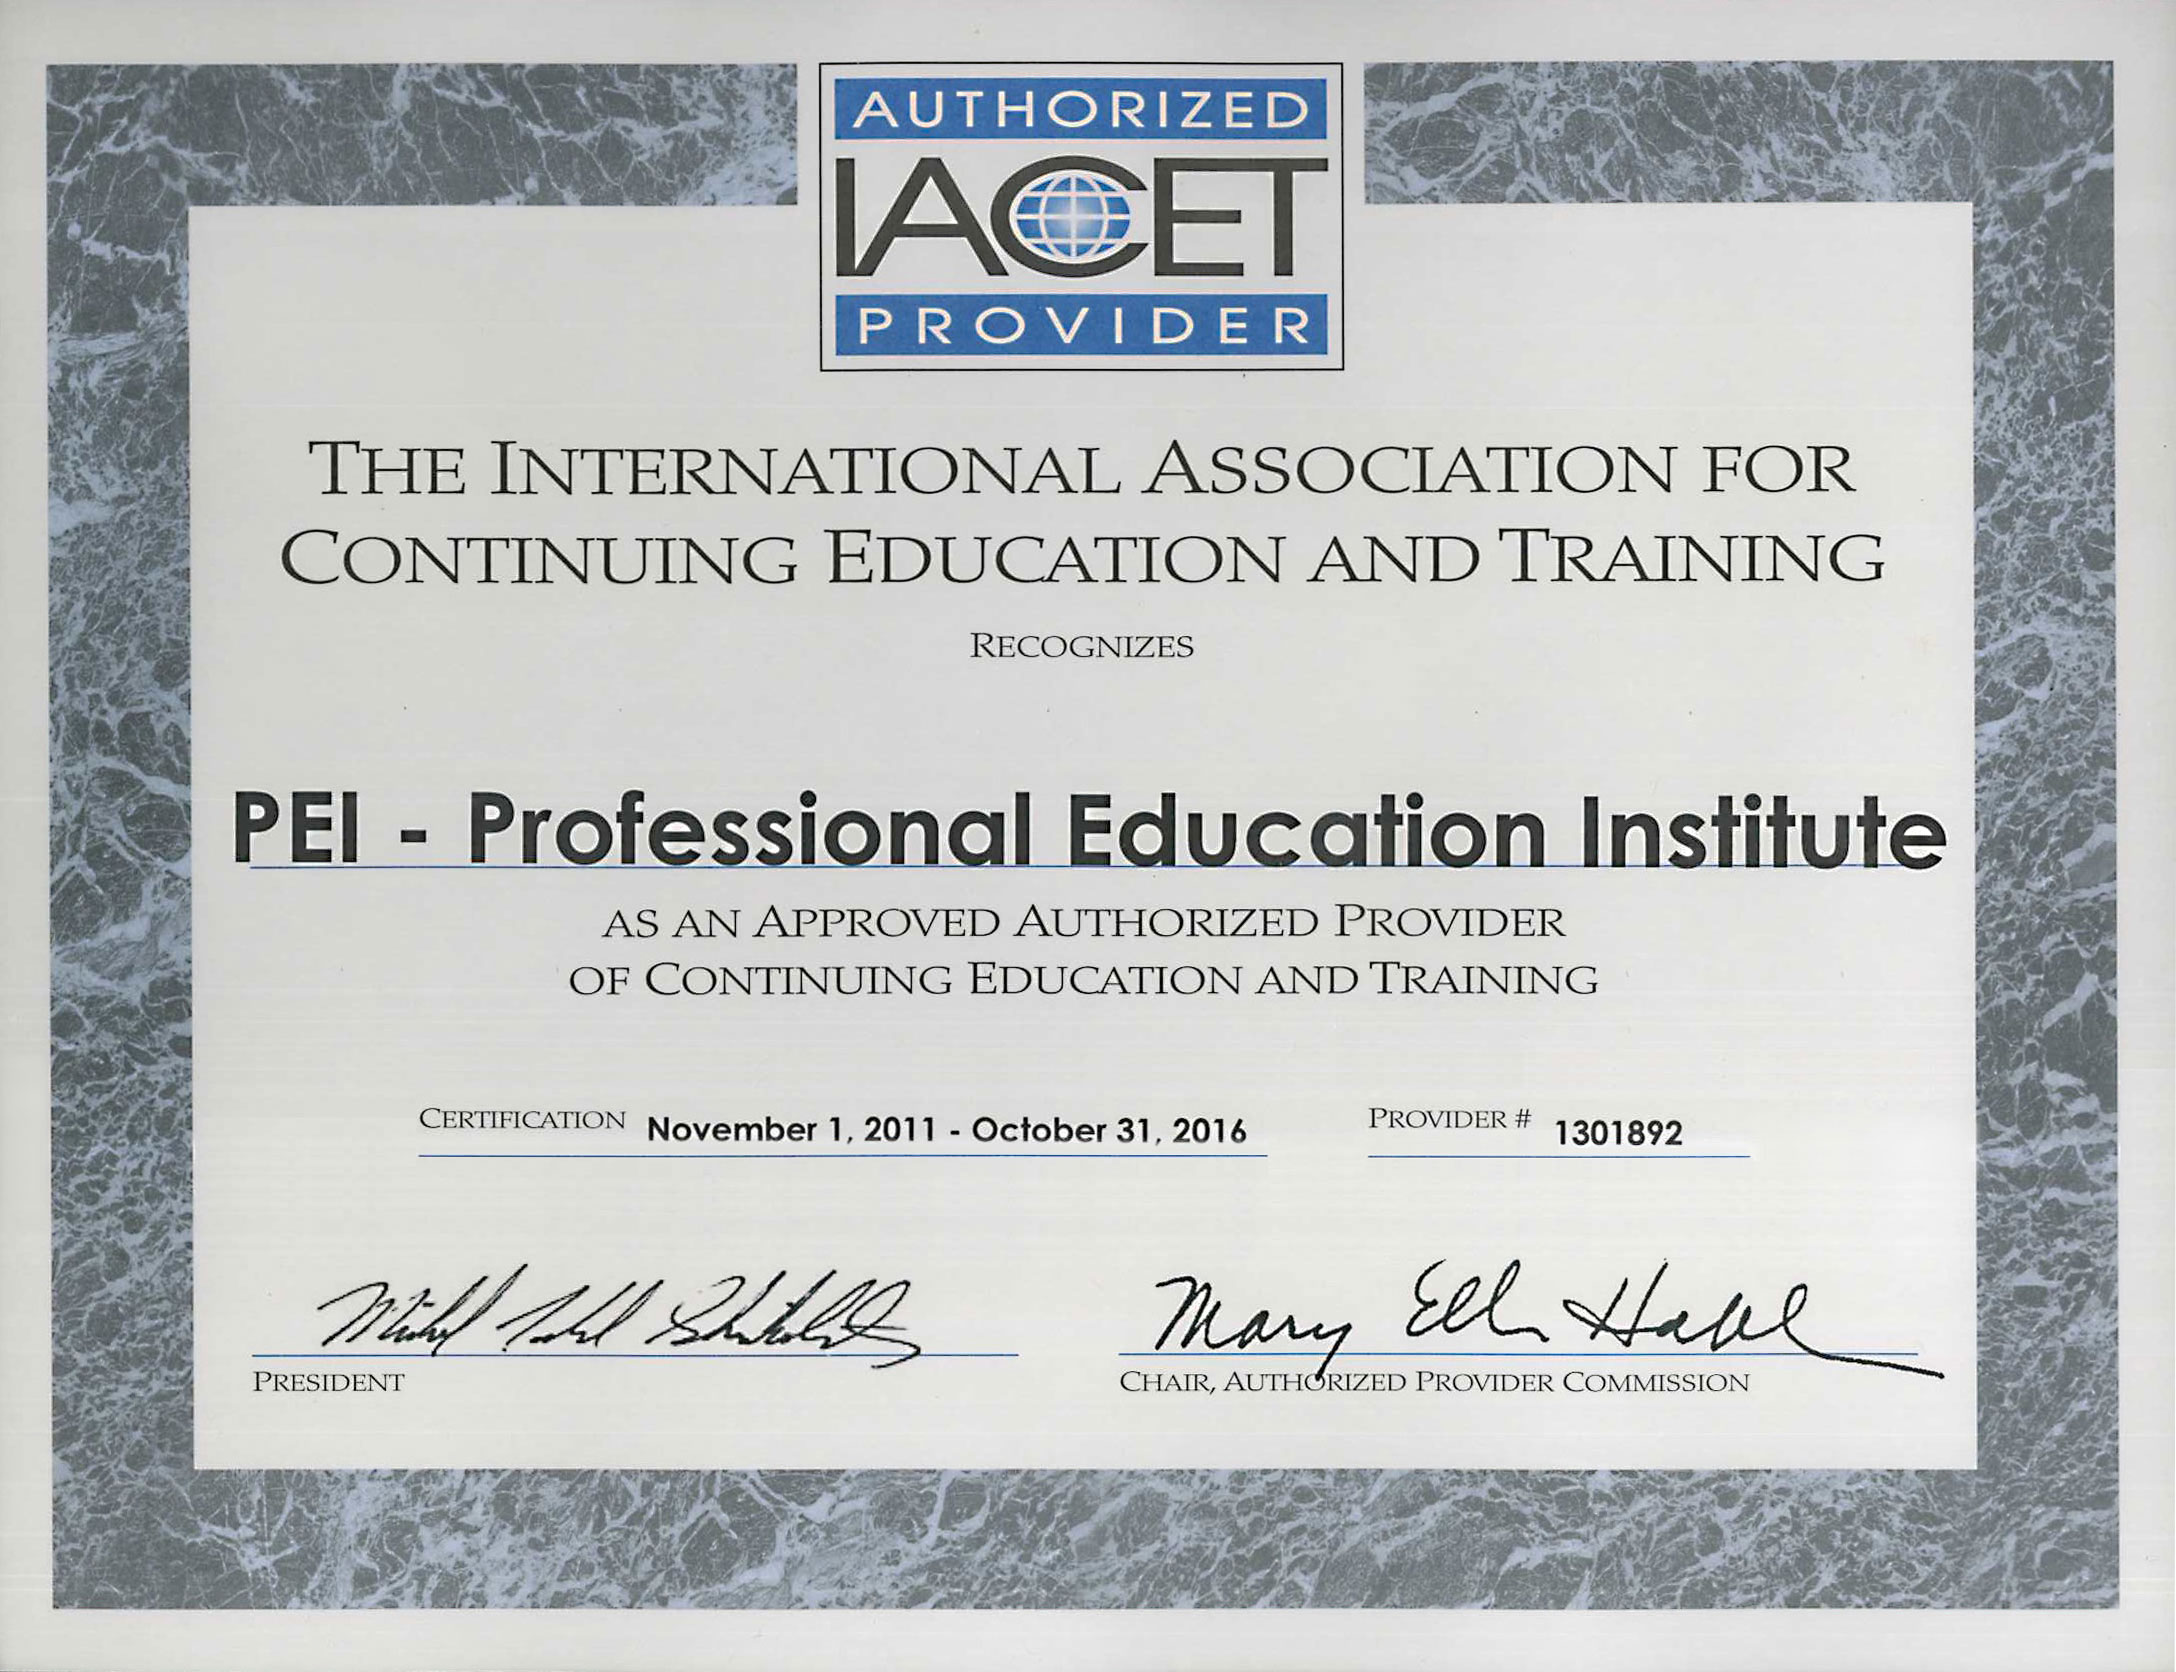 Education Professional Education Institute